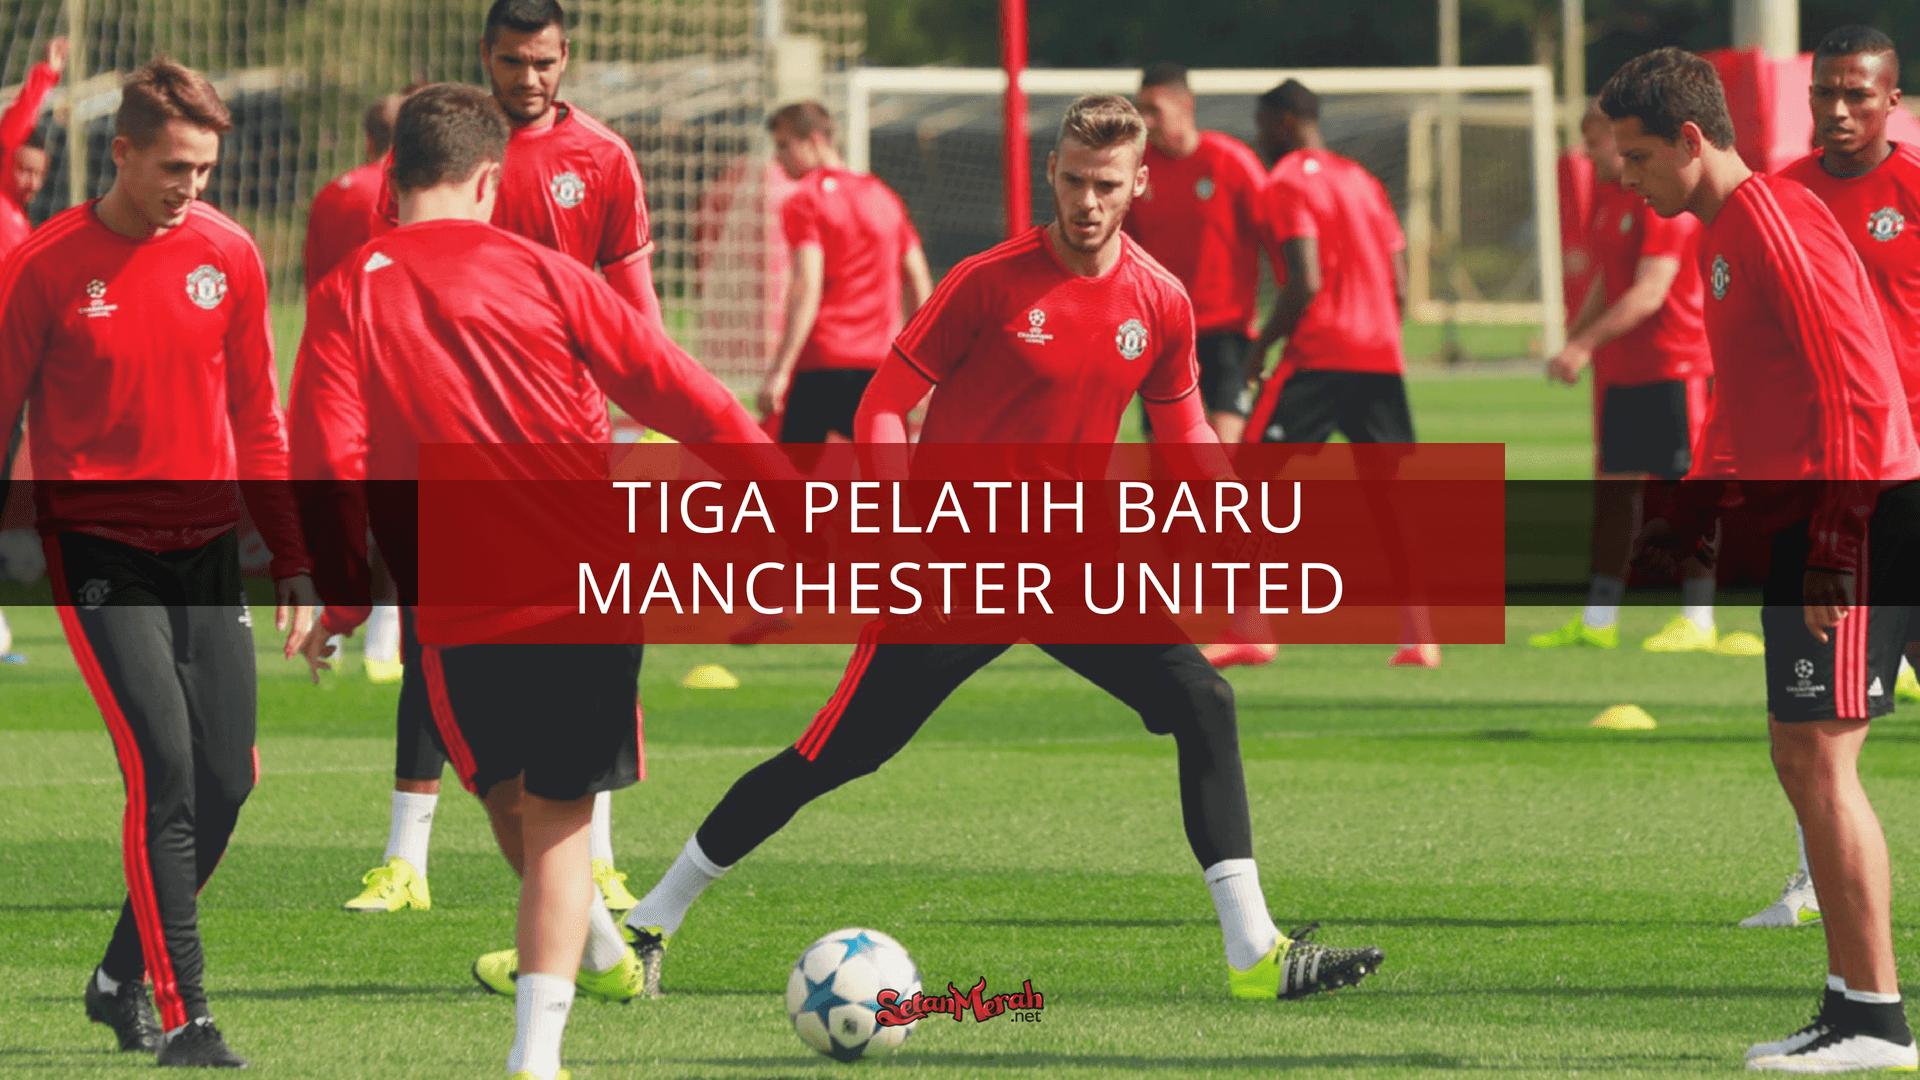 Harapan Perubahan Dari Tiga Pelatih Baru Manchester United